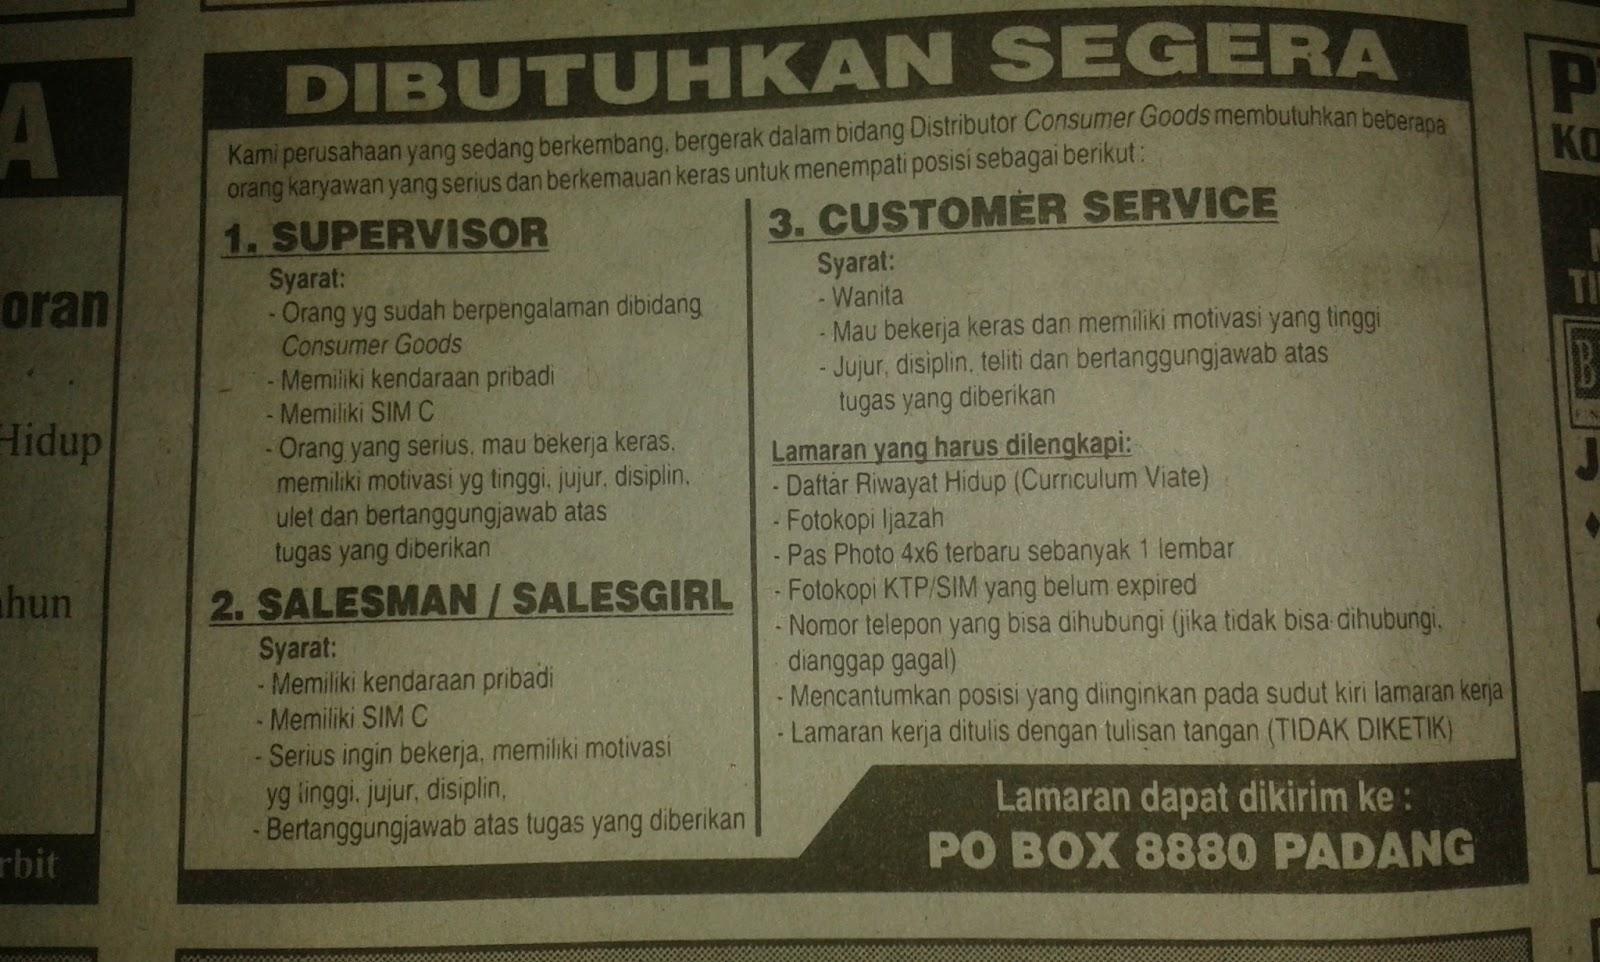 Lowongan Kerja Distributor Consumer Goods